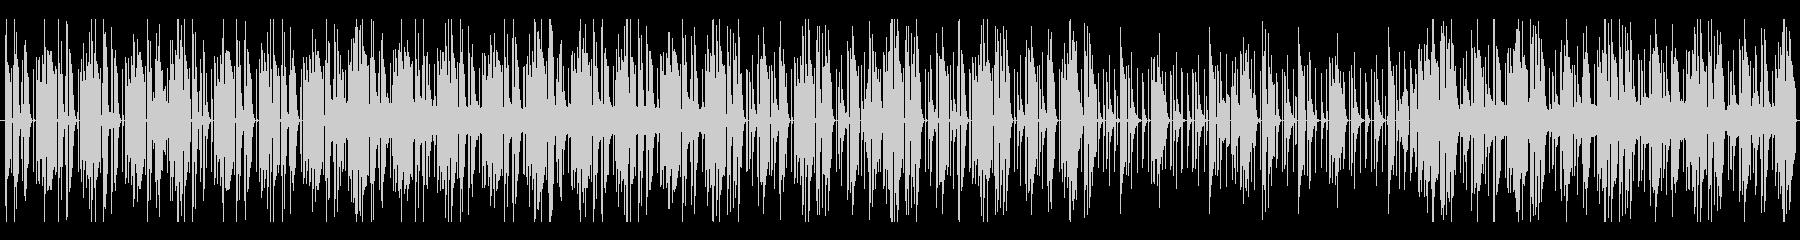 詮索のBGMの未再生の波形